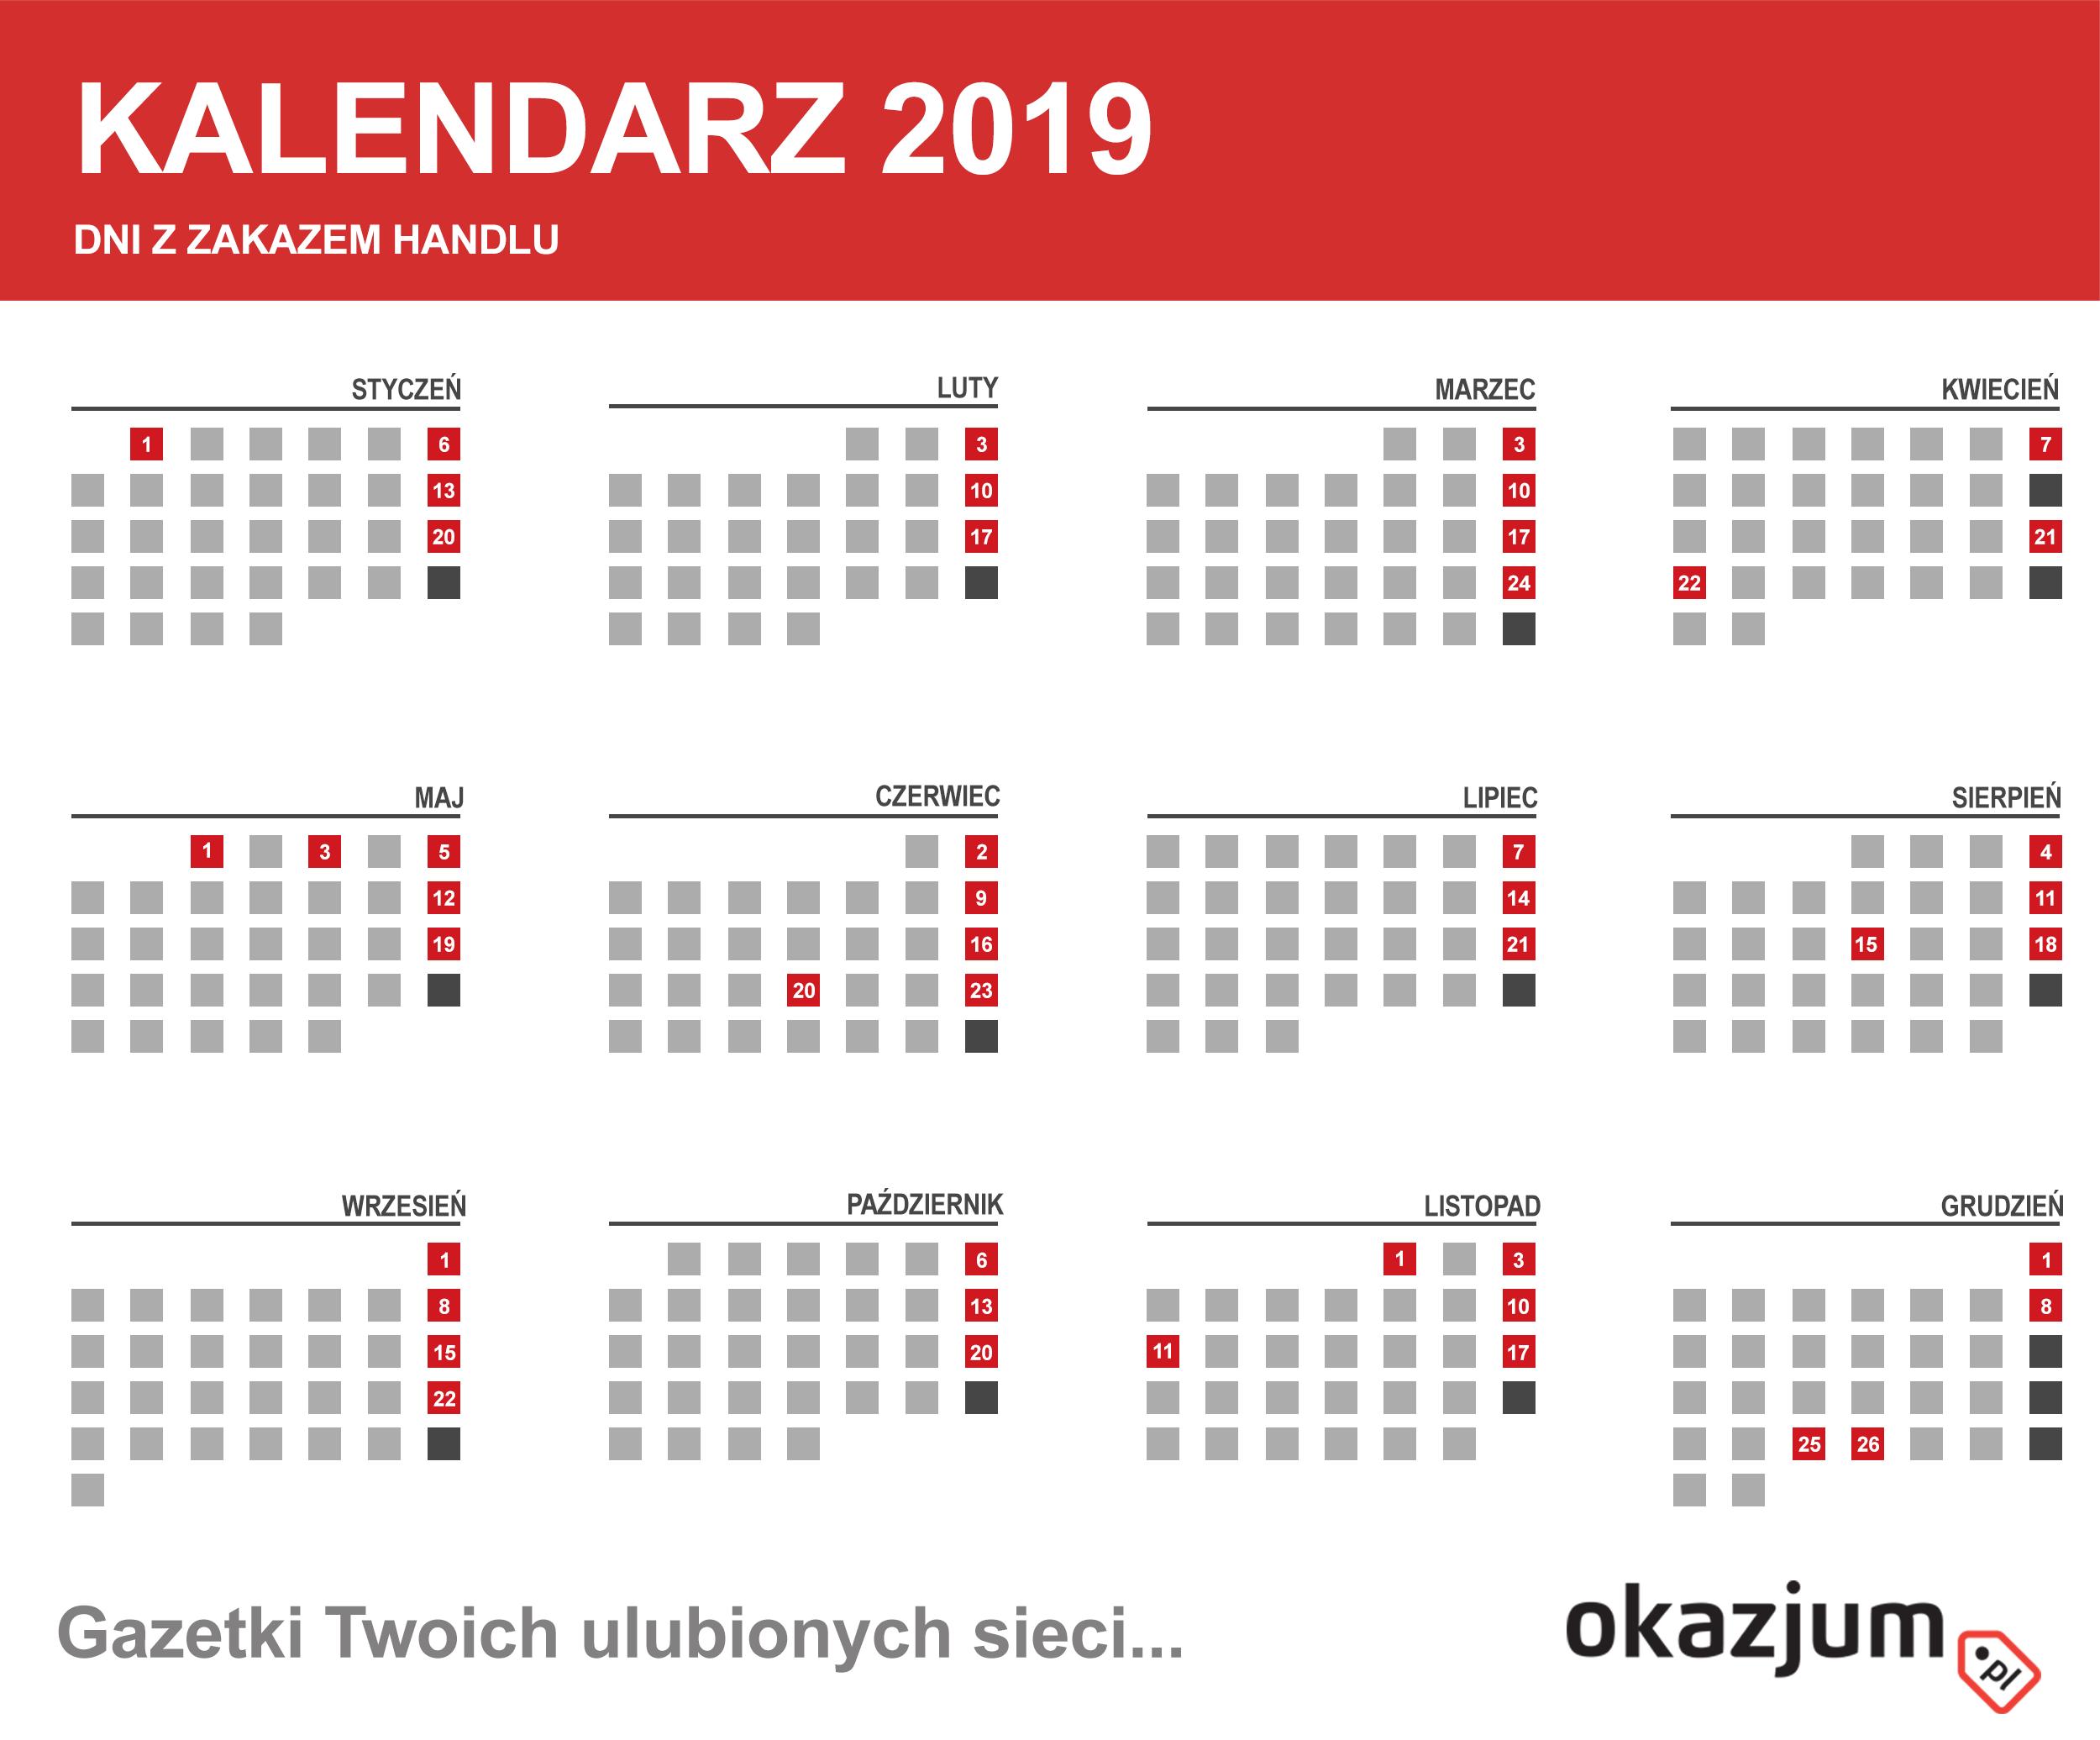 Kalendarz 2019 - Dni z zakazem handlu - Do pobrania